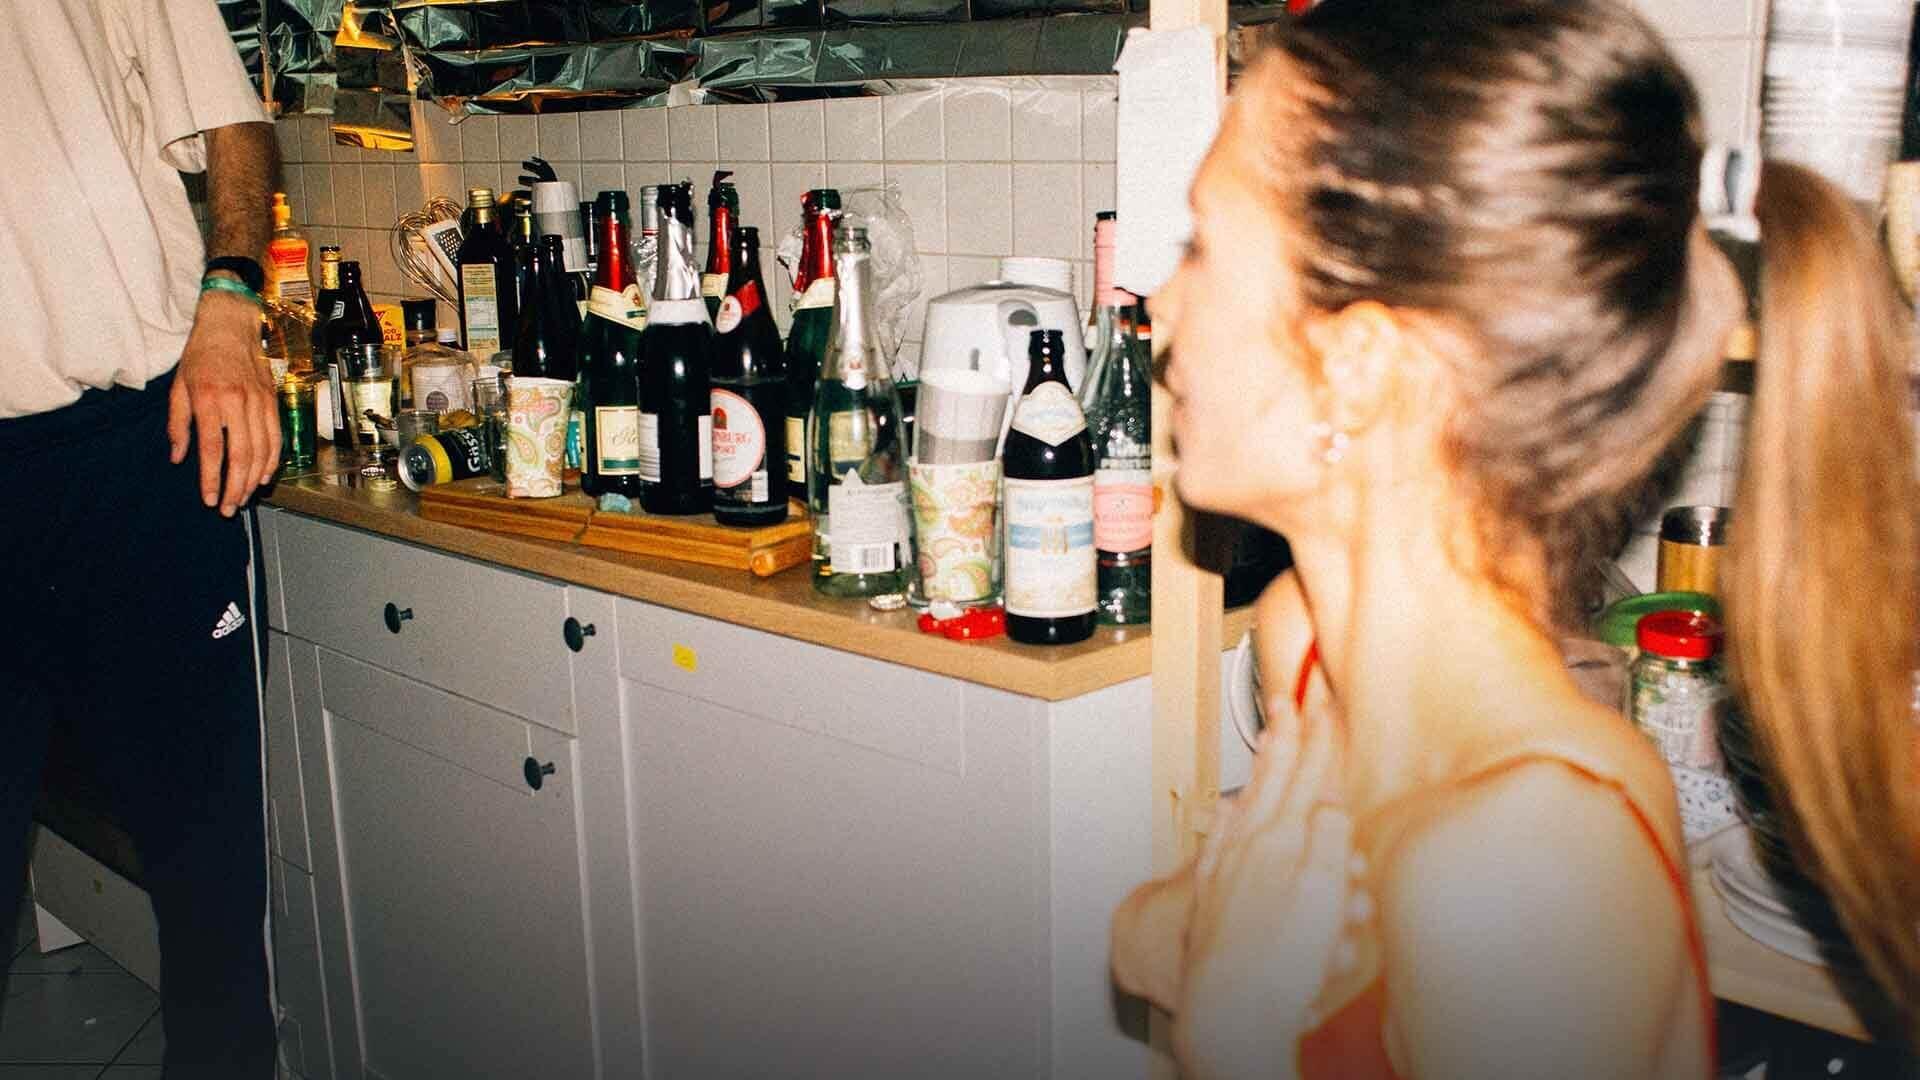 Giovani e donne sono sempre più alcolizzati